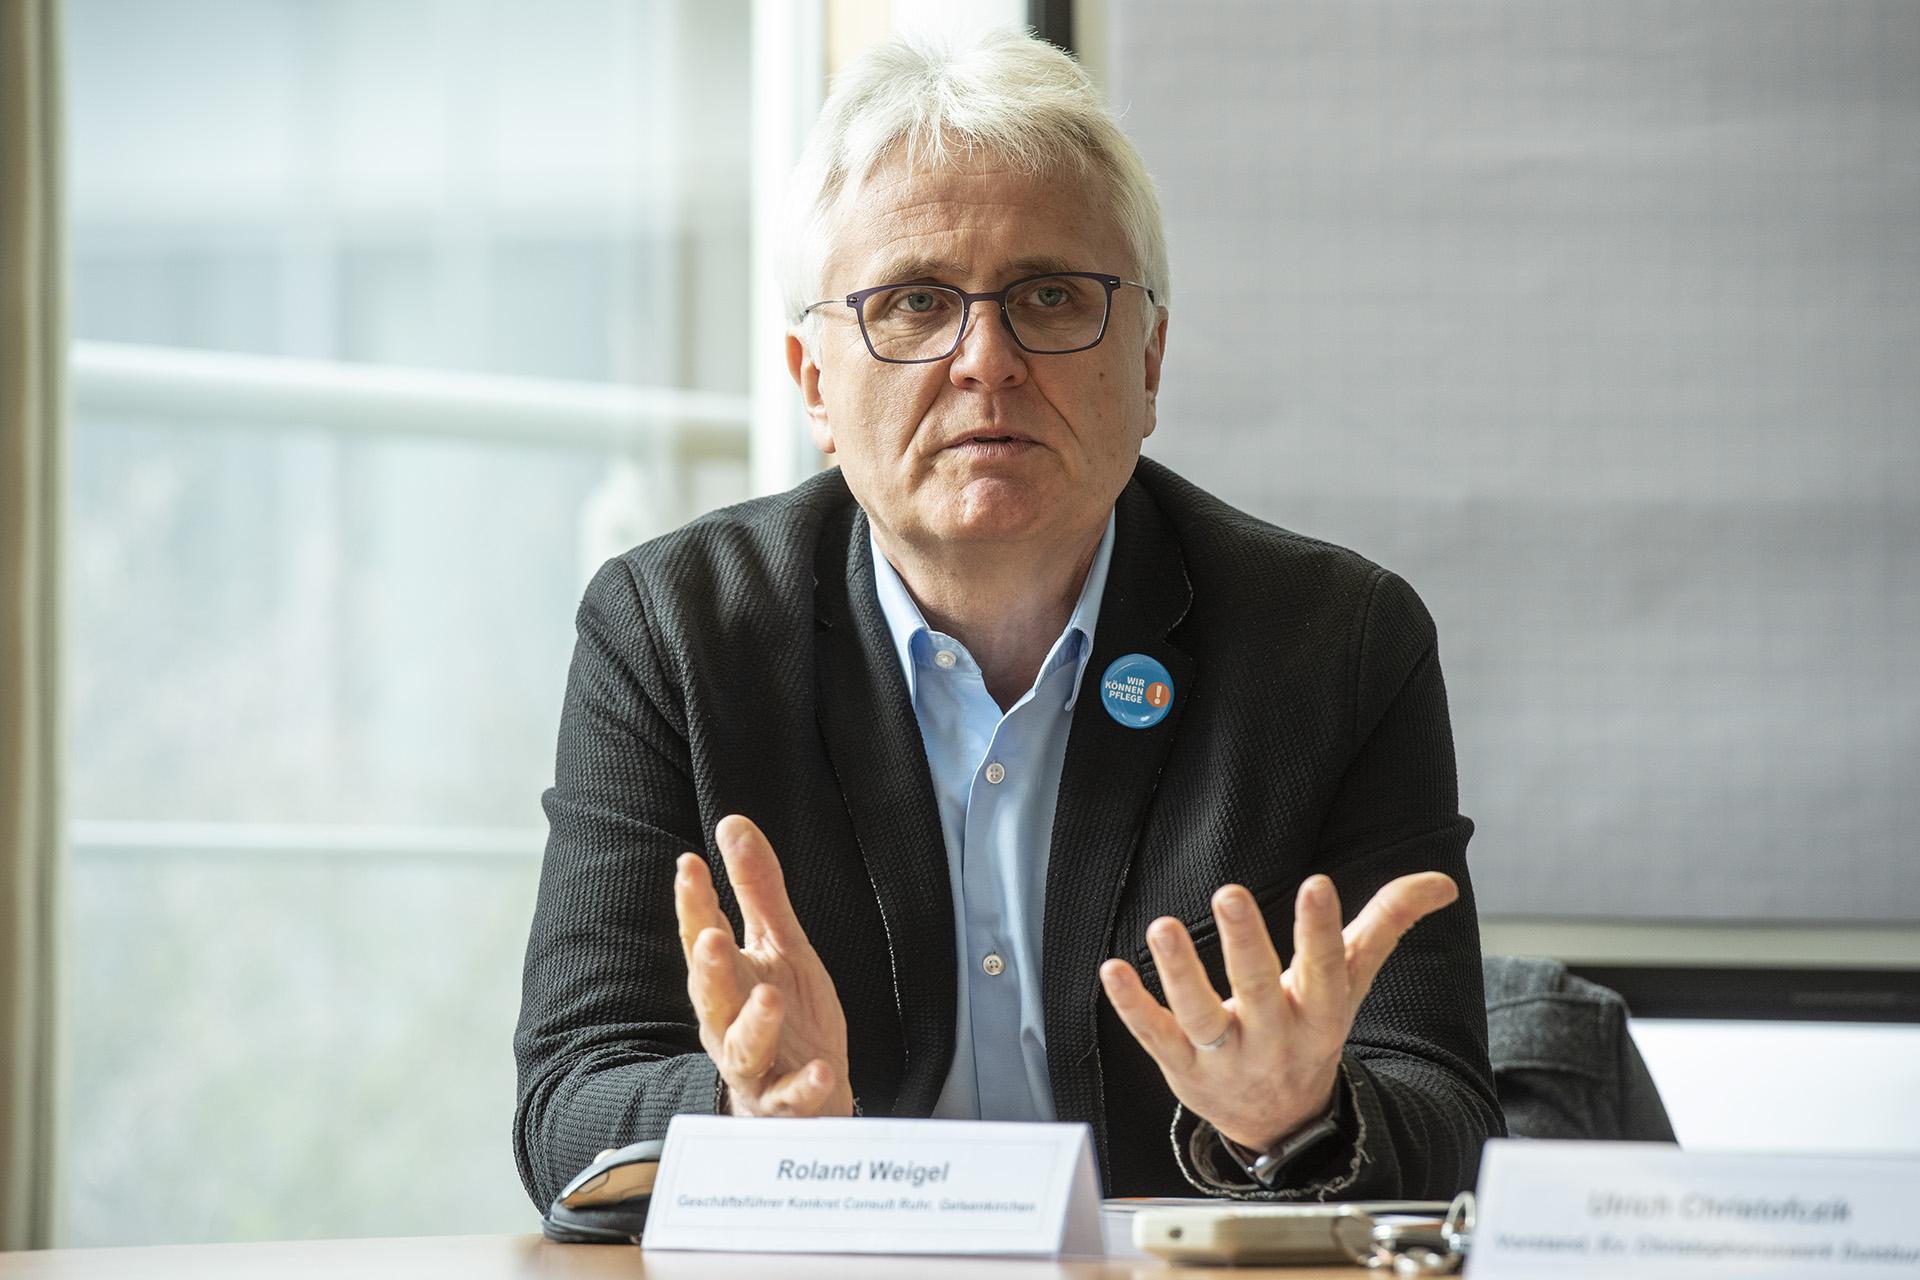 Roland Weigel